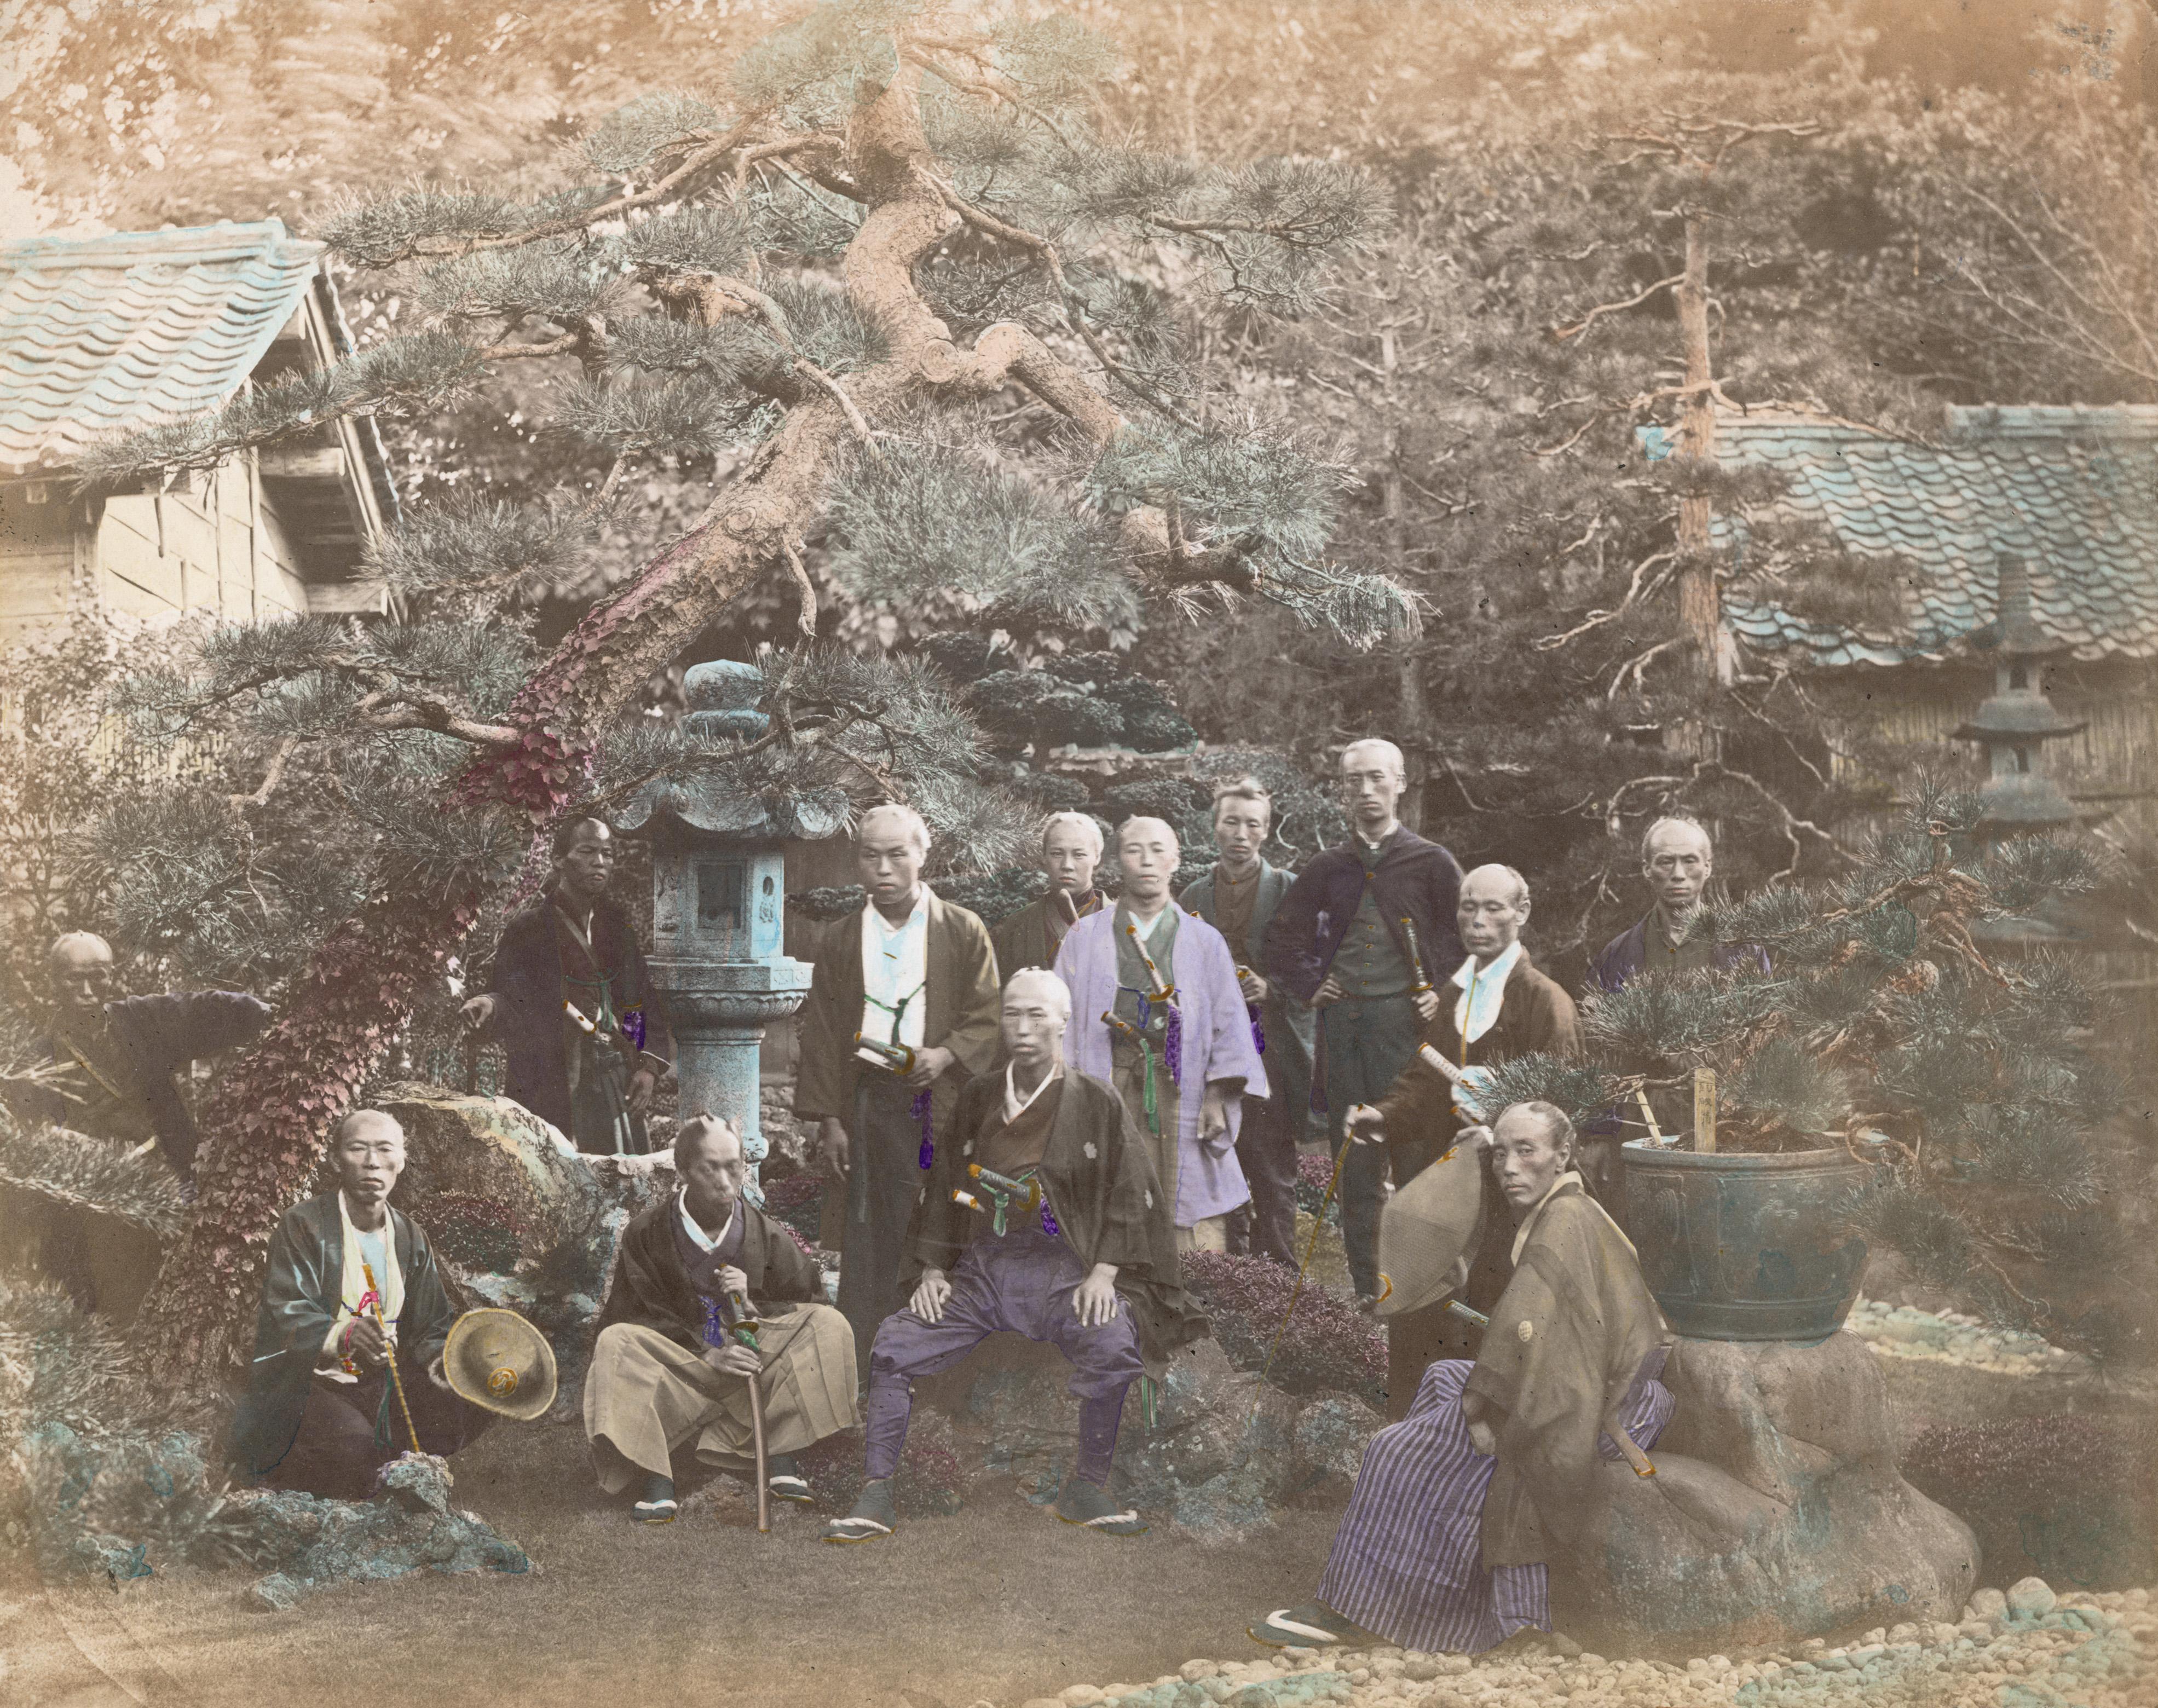 Группа офицеров на службе принца с севера Японии. Примерно 1865